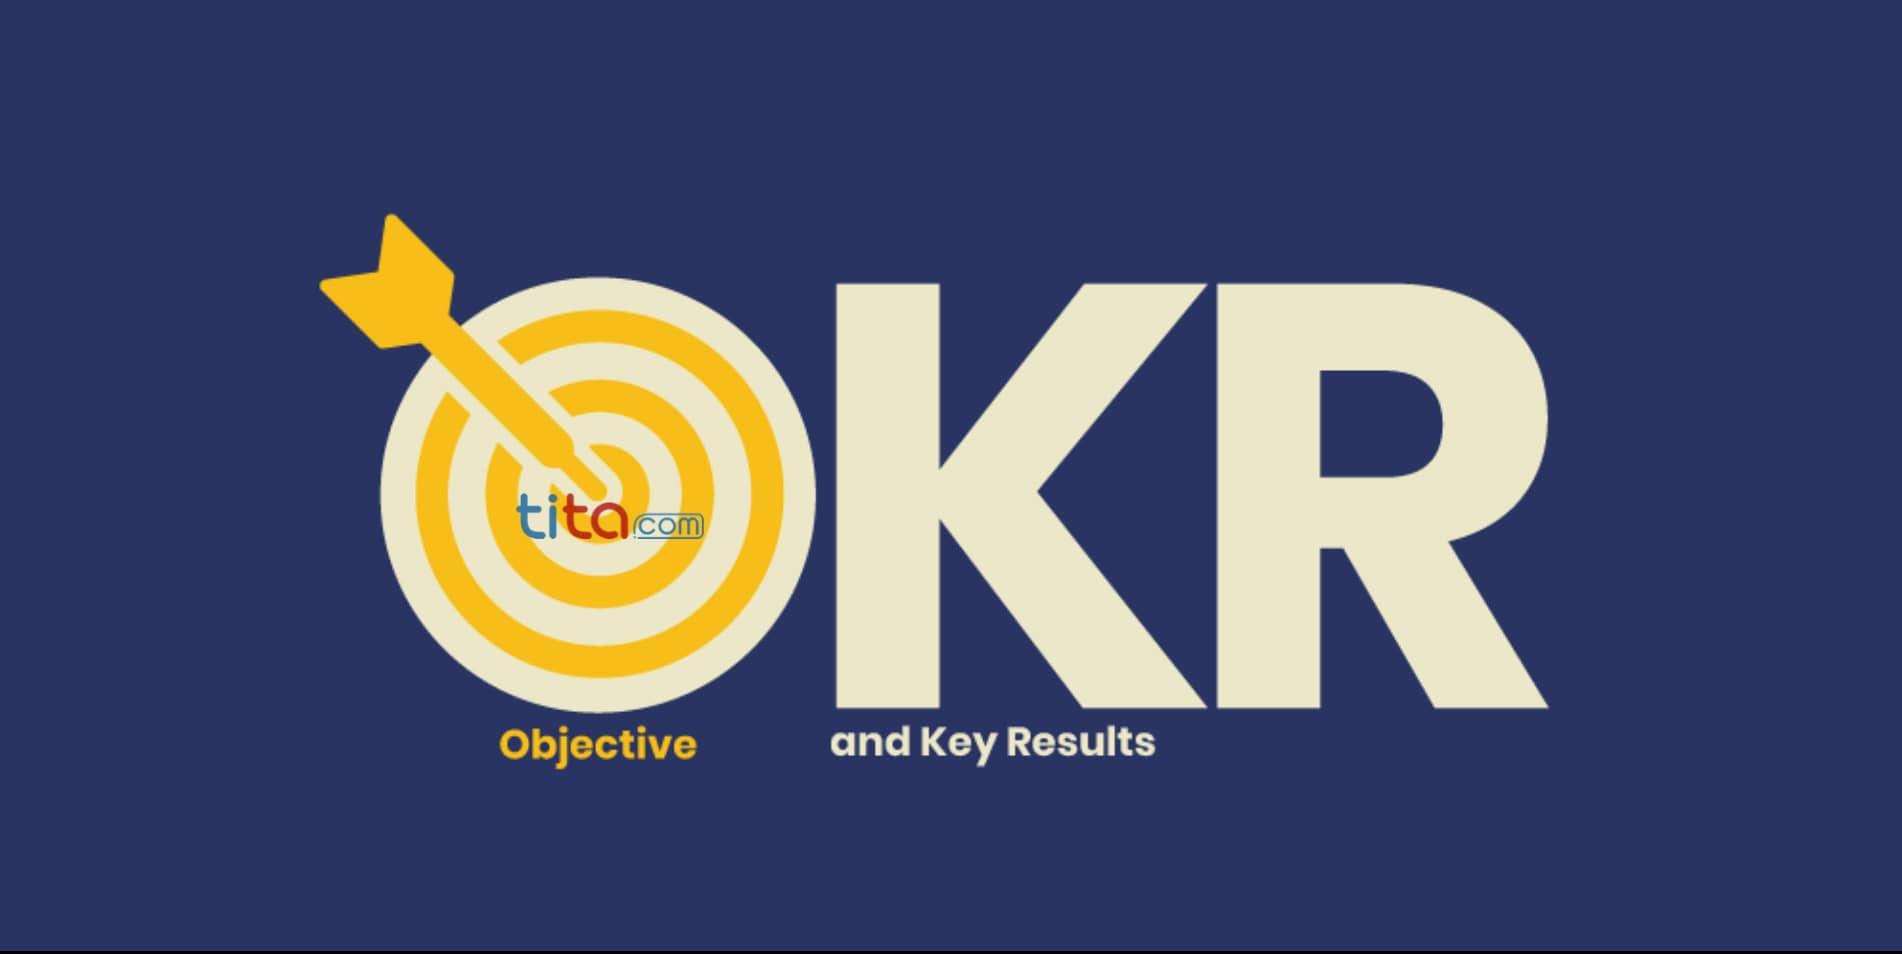 OKR教练技术:你是在更新你的KR,还是仅仅列出更多的任务?